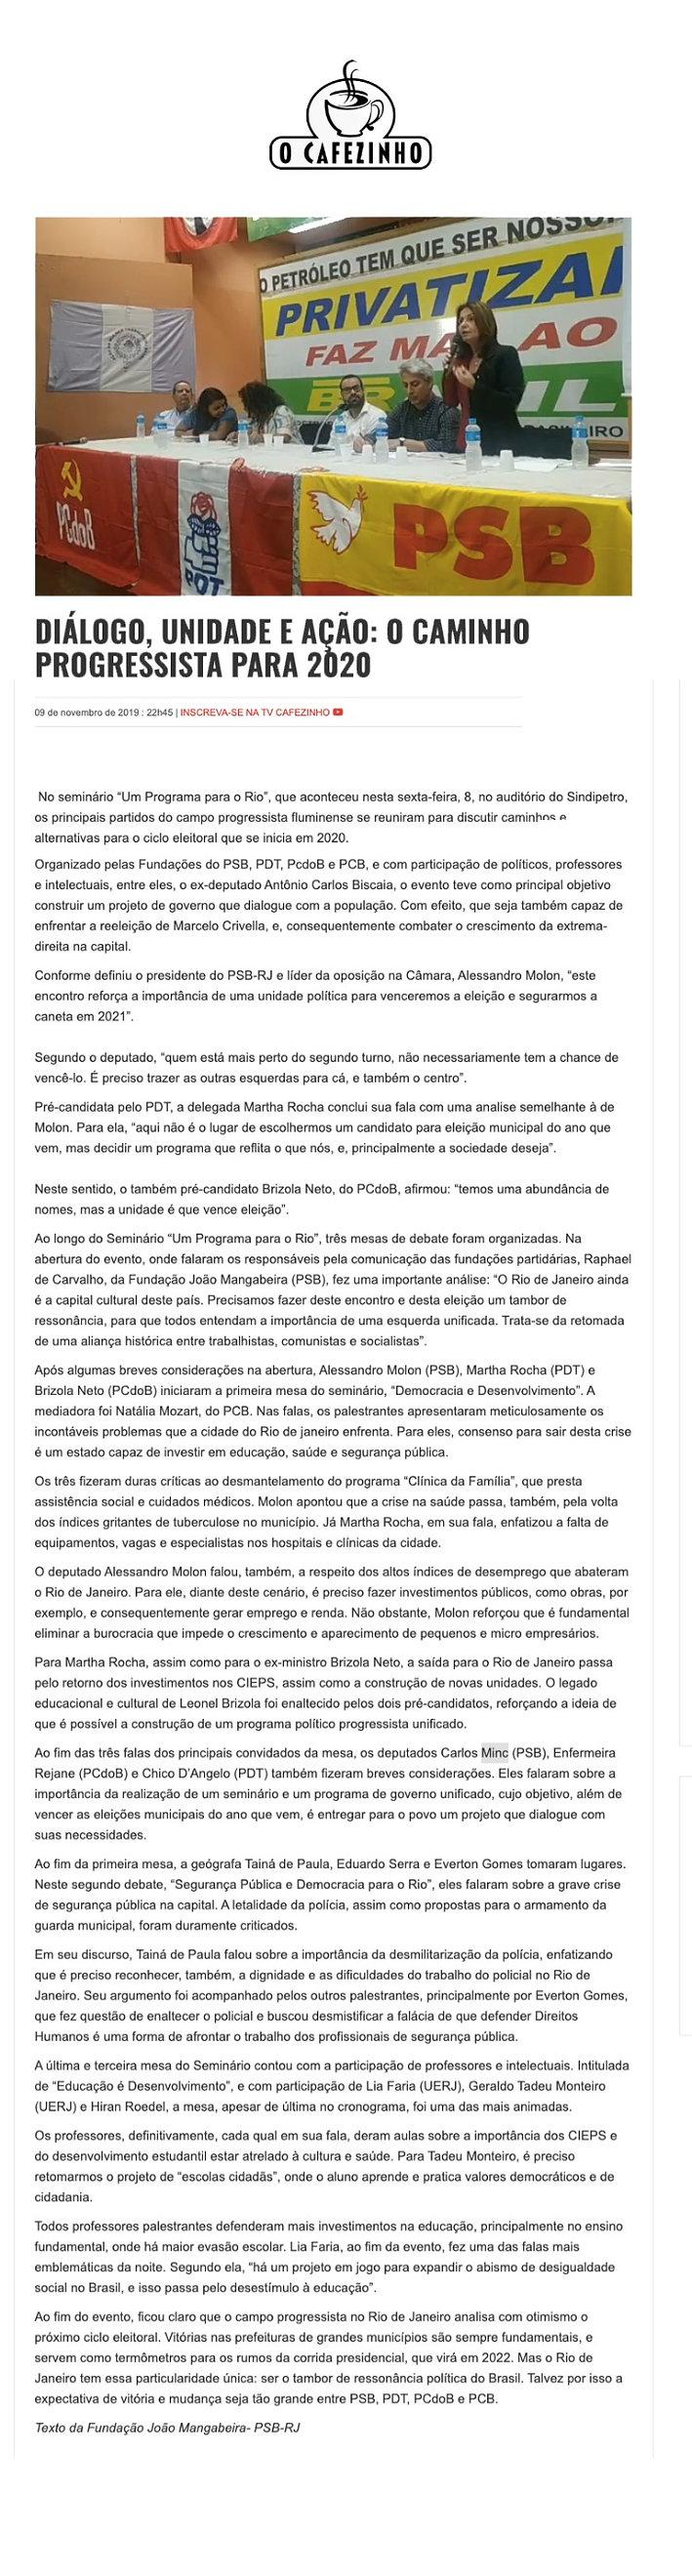 screenshot-www.ocafezinho.com-2019.11_ed